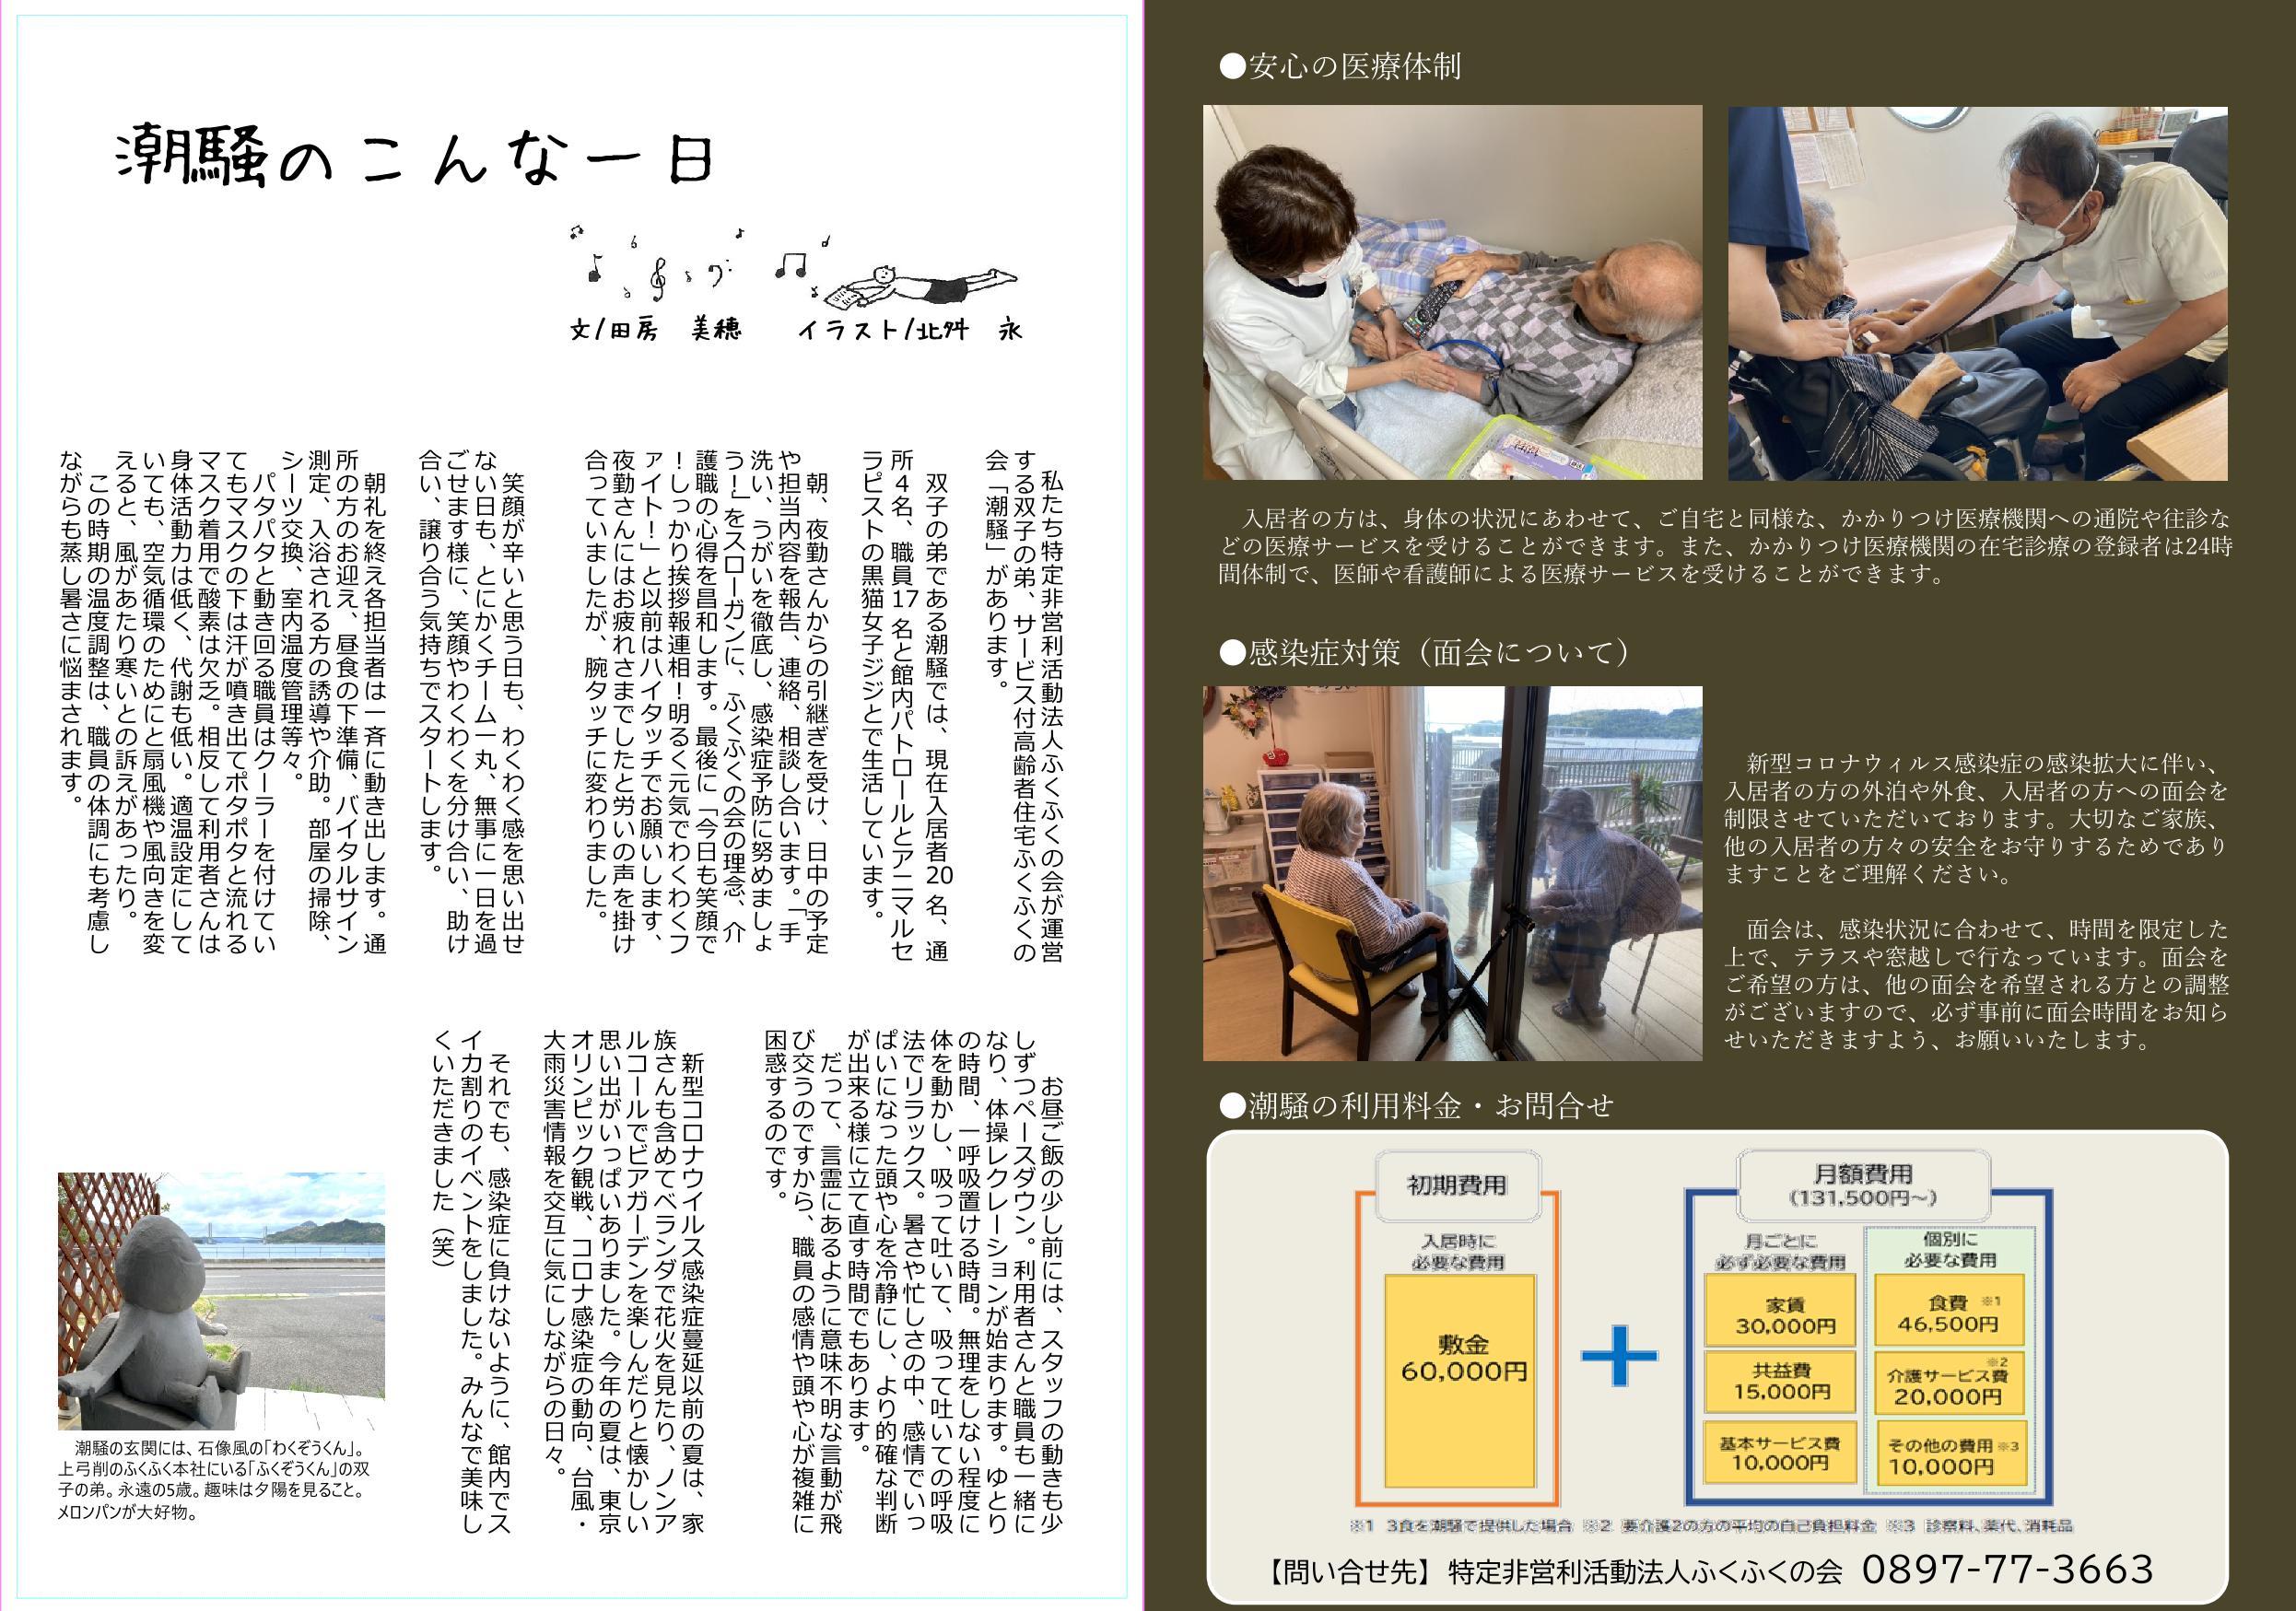 http://fukufukunokai.com/newsletter/images/8%E6%9C%88%E5%8F%B73_cropped_3.jpeg